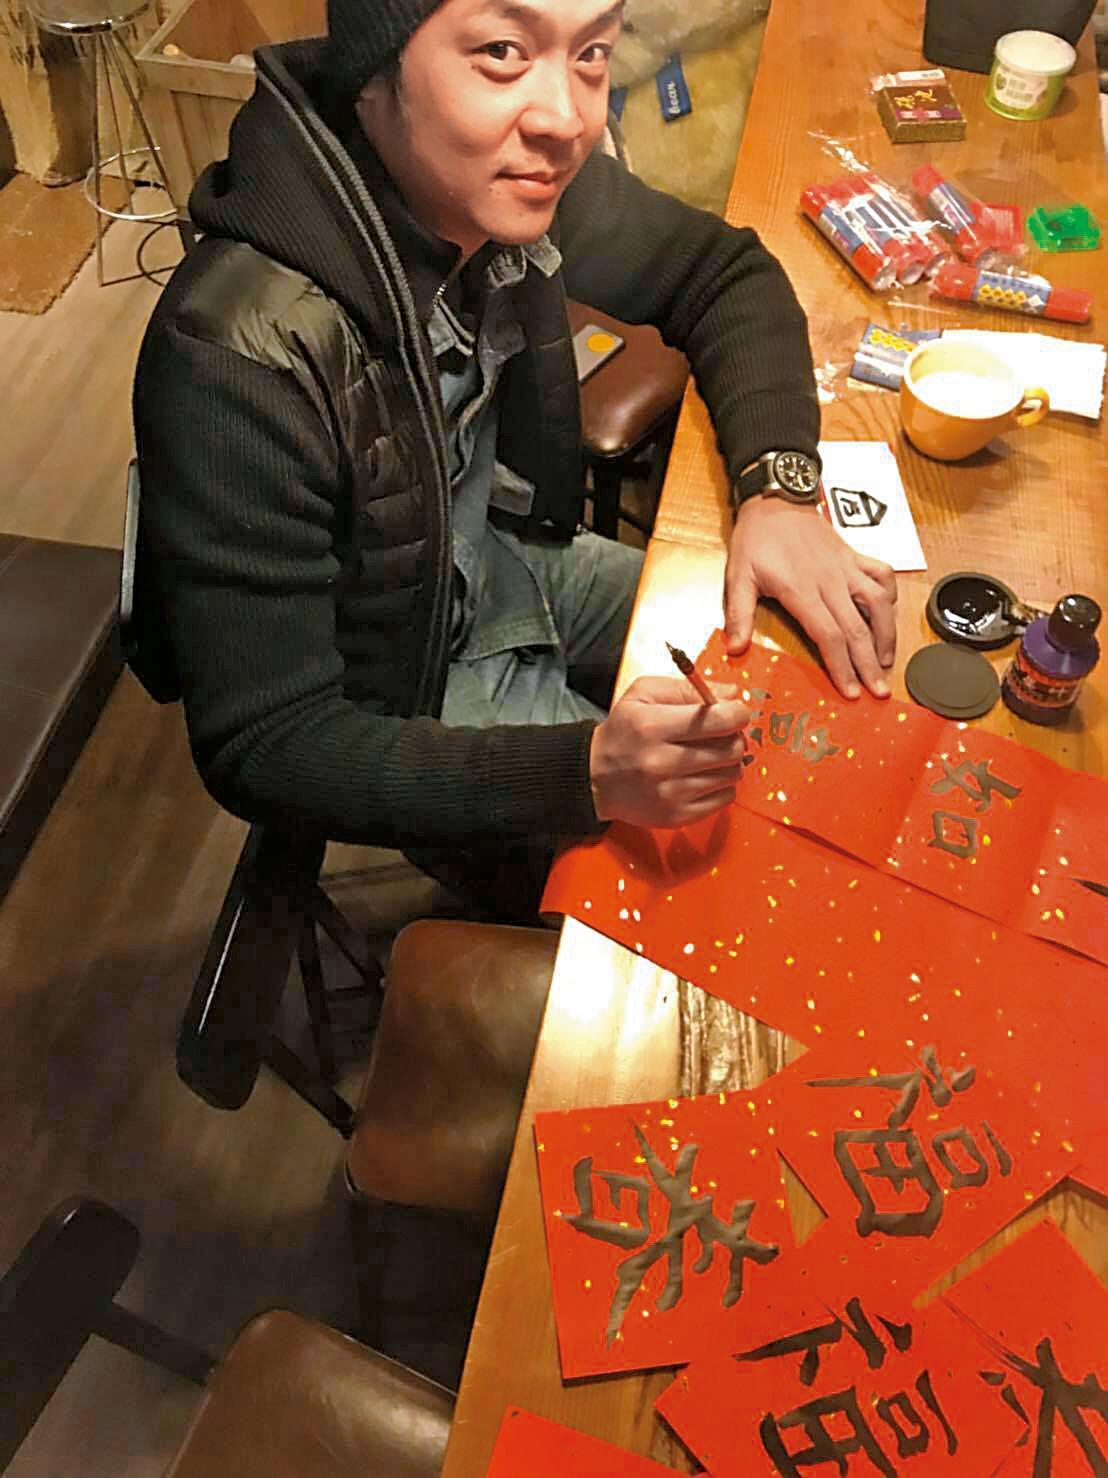 姚元浩(圖)今年過新年時開心寫的春字,與王心恬po在IG上的照片是同一張。(翻攝自姚元浩臉書)